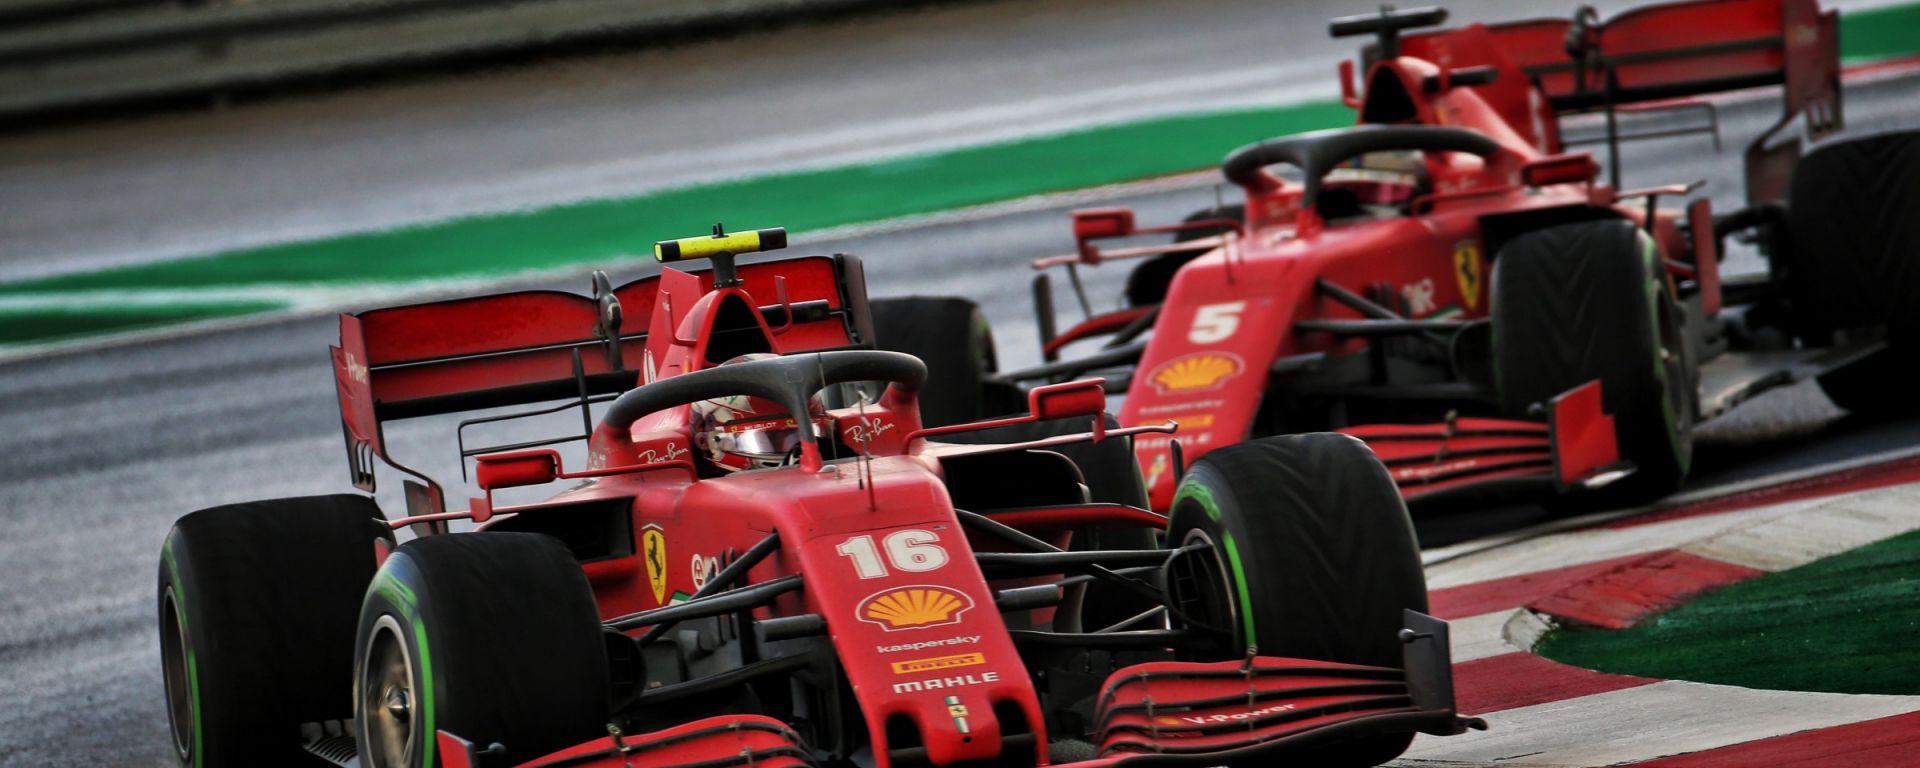 F1, GP Turchia 2020: Charles Leclerc e Sebastian Vettel (Ferrari)